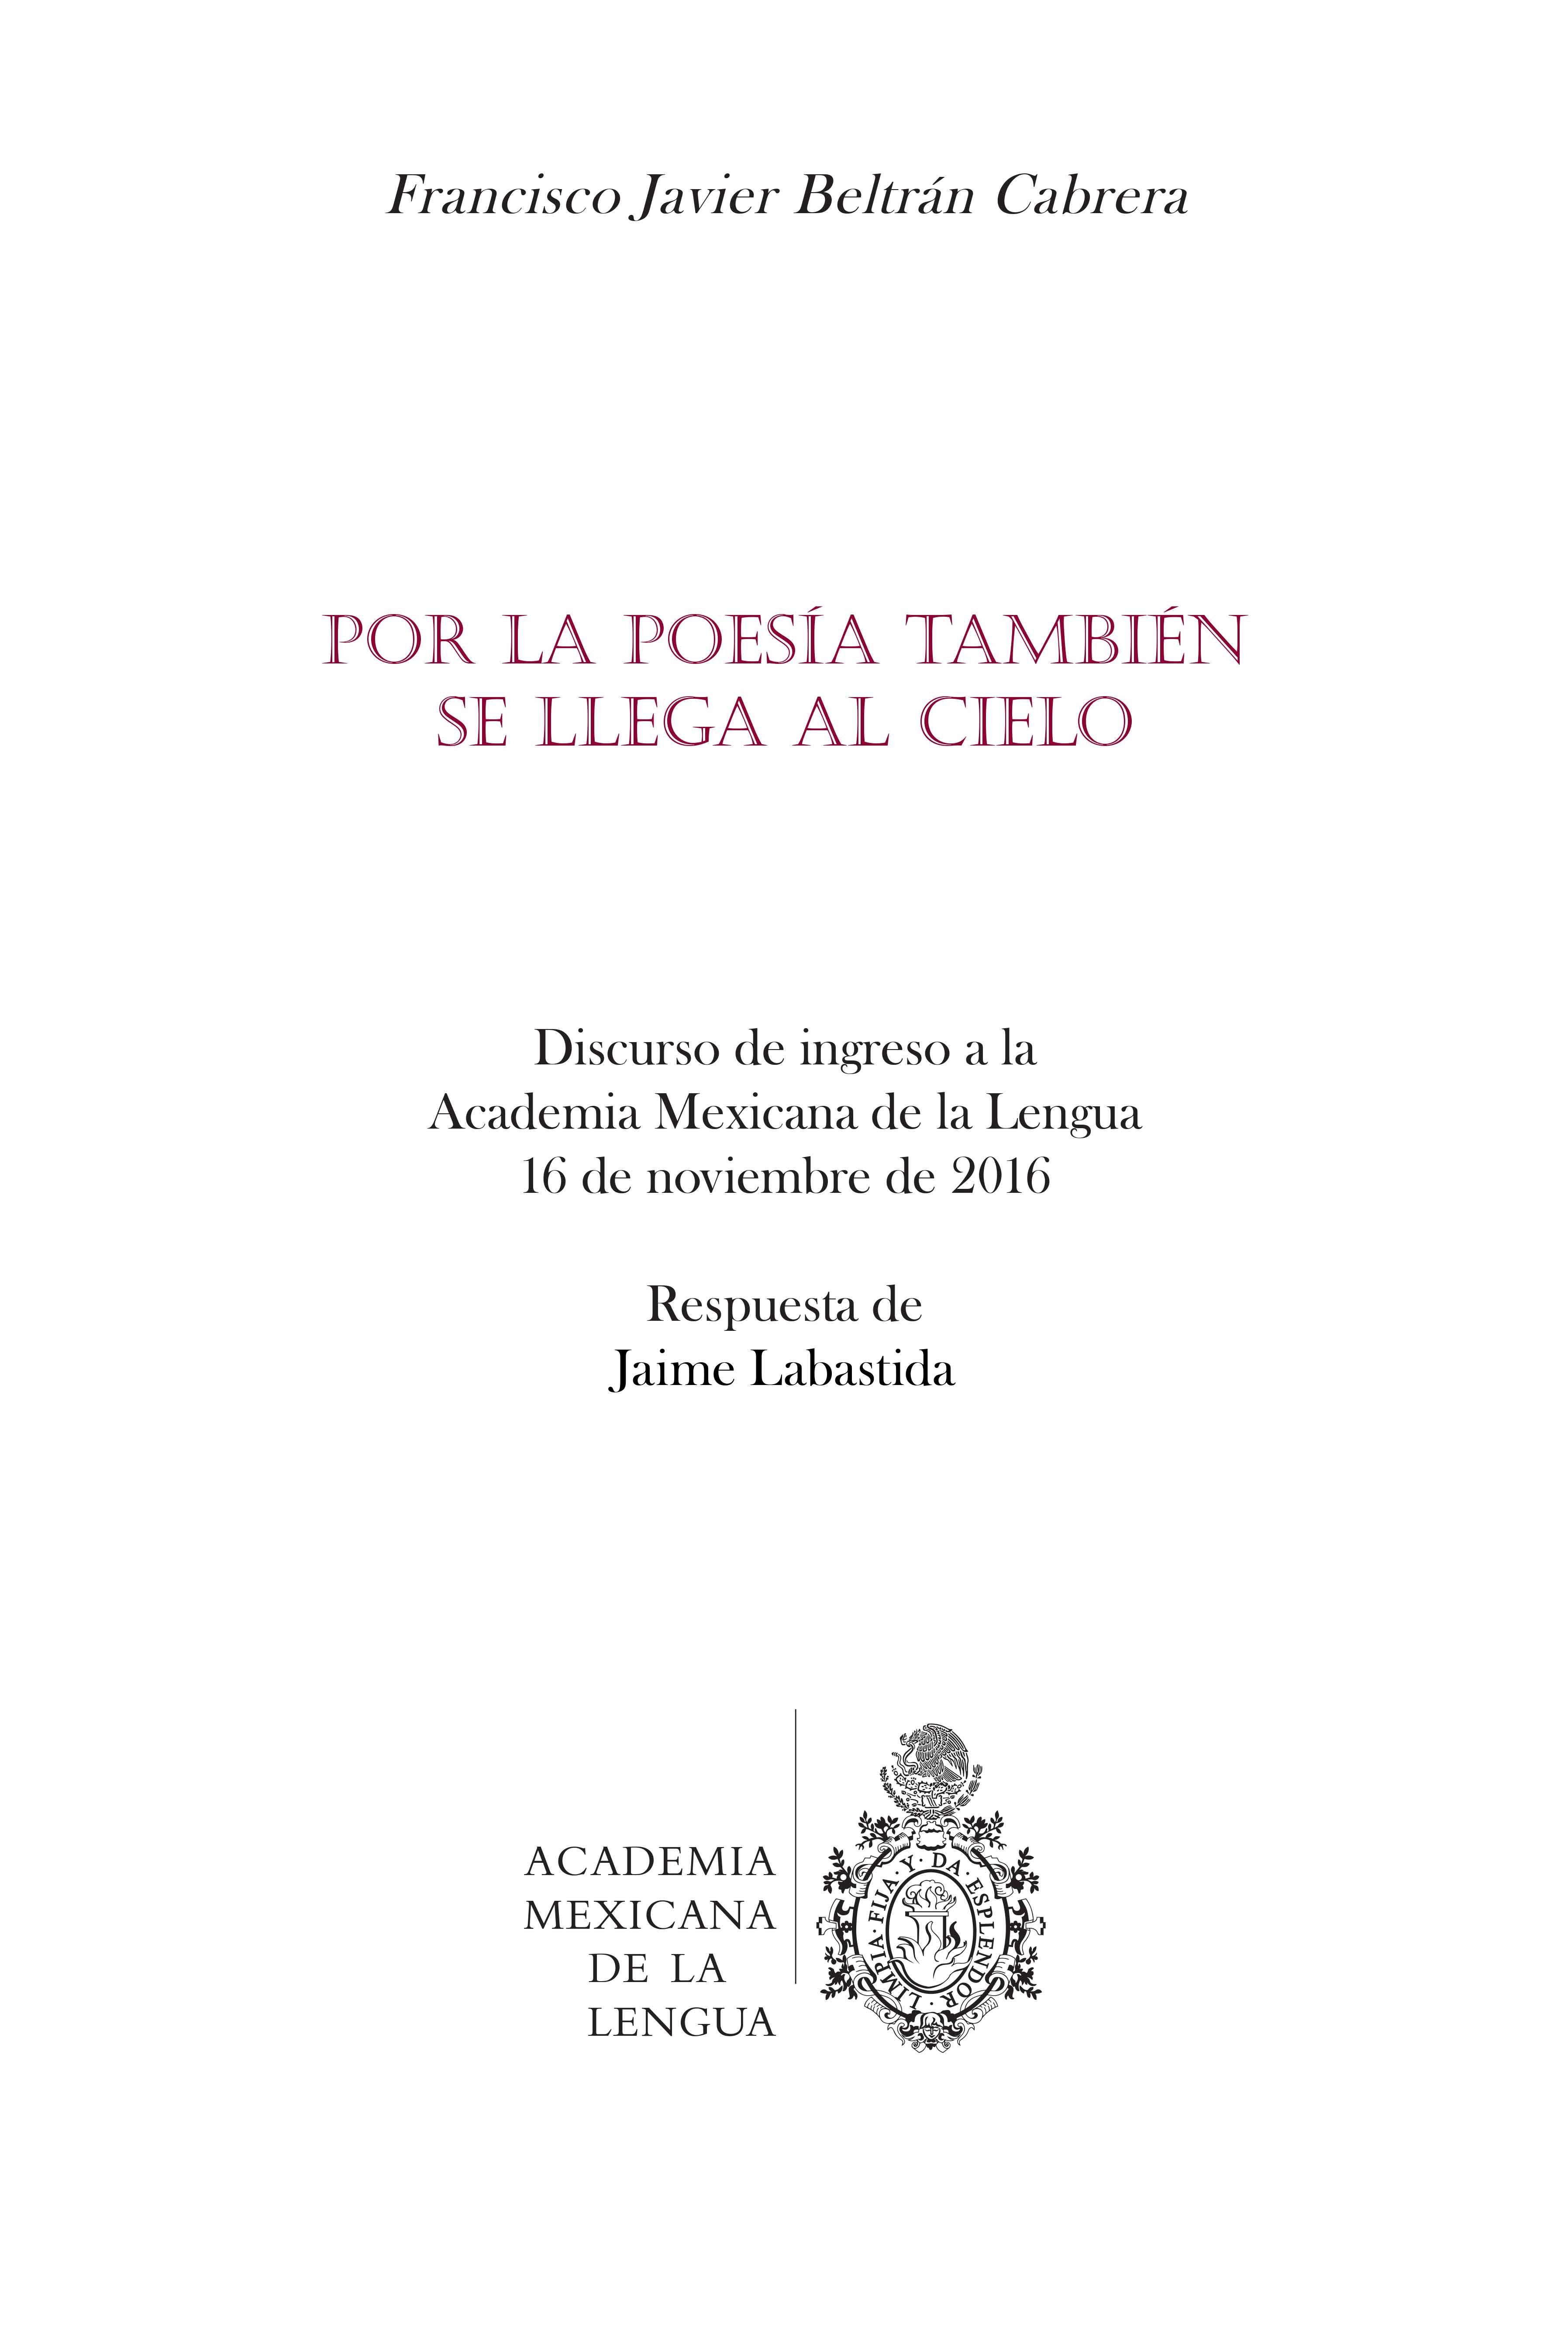 Por la poesía también se llega al cielo: discurso de ingreso a la Academia Mexicana de la Lengua, 16 de noviembre de 2016